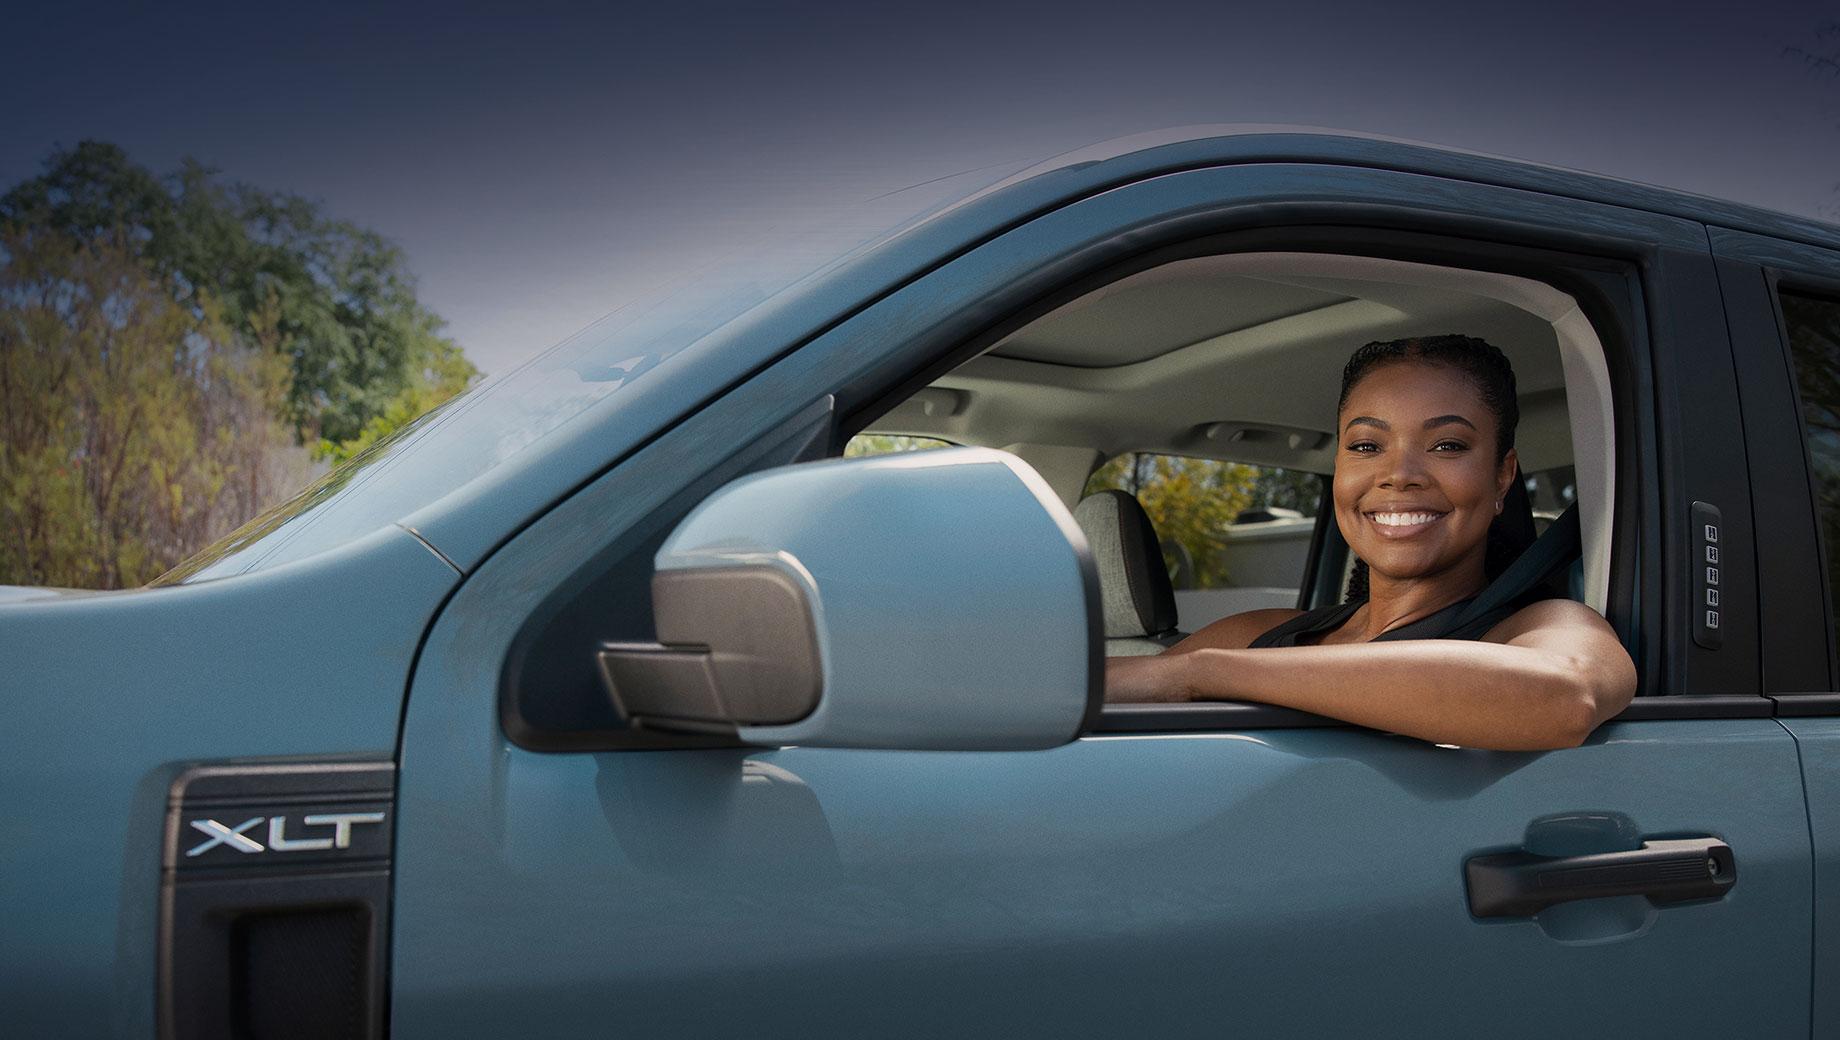 Ford maverick. «Лицом» нового грузовичка выбрана американская актриса Габриэль Юнион (на фото и видеотизере). Комплектация XLT у пикапа Ford Ranger (старшего брата Маверика) — вторая из трёх возможных, поэтому дверные ручки не окрашены. Базовая называется XL, топовая — Lariat.